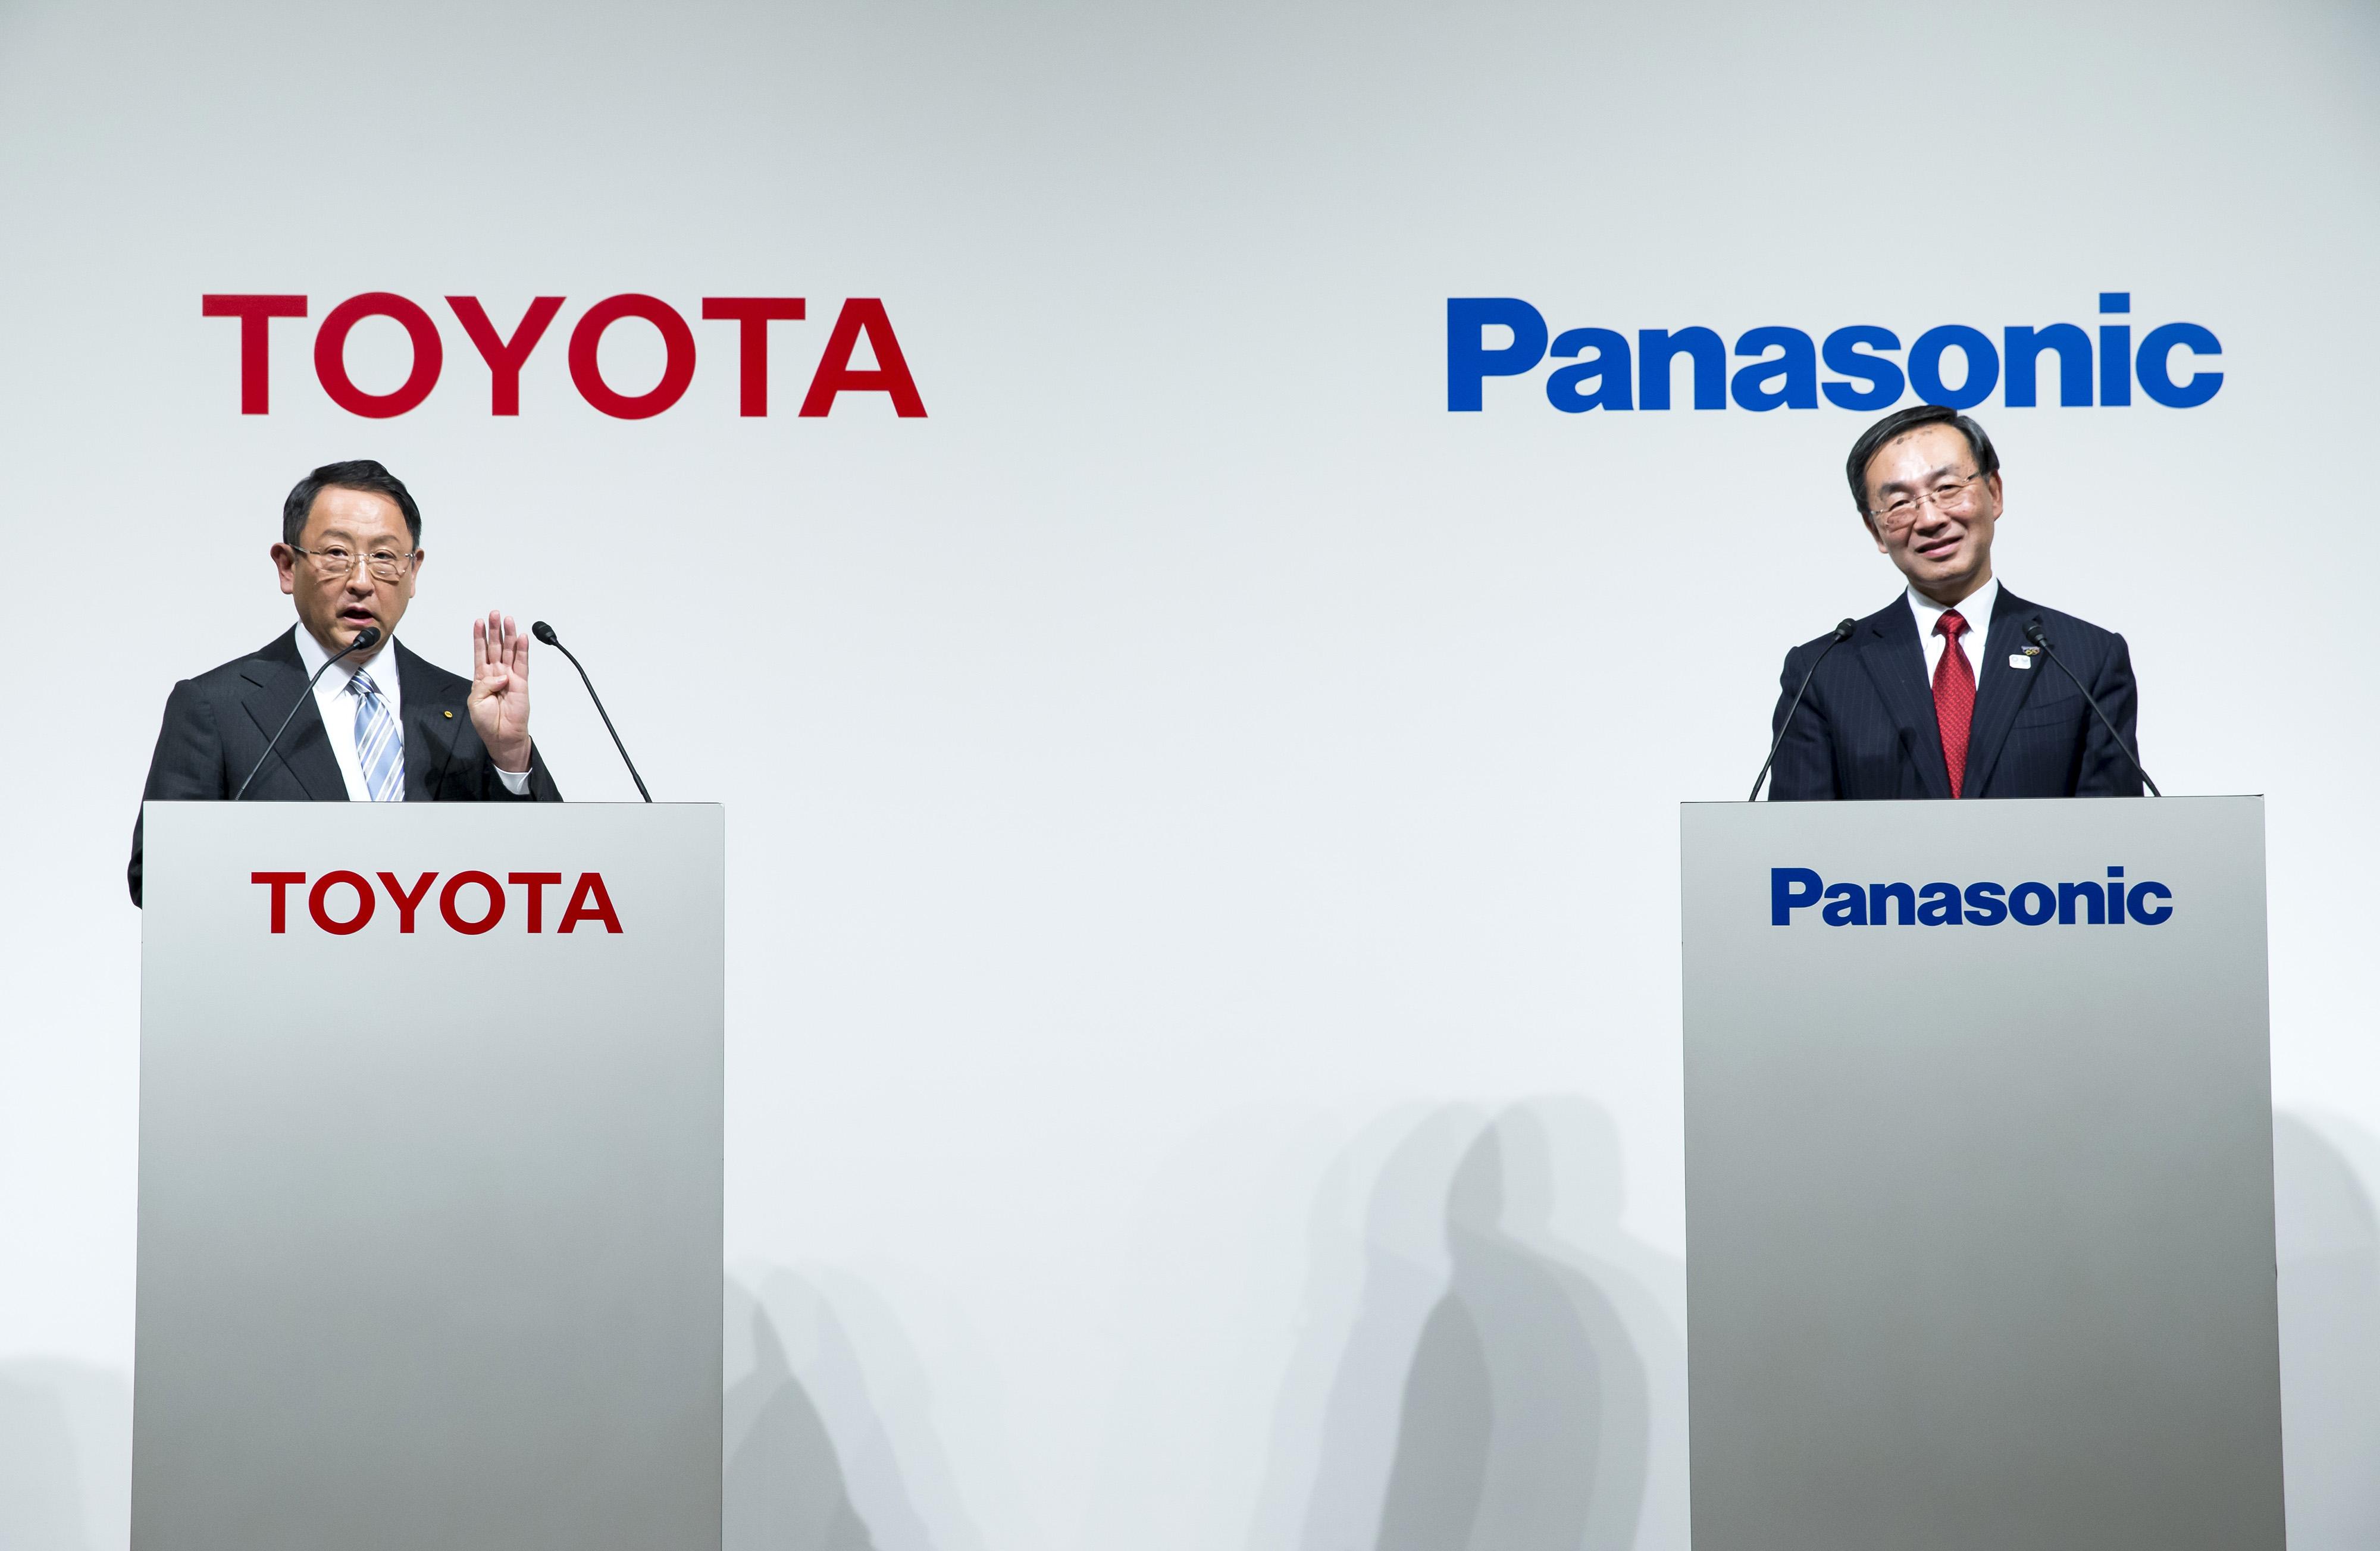 Toyota e Panasonic consideram parceria para desenvolver baterias